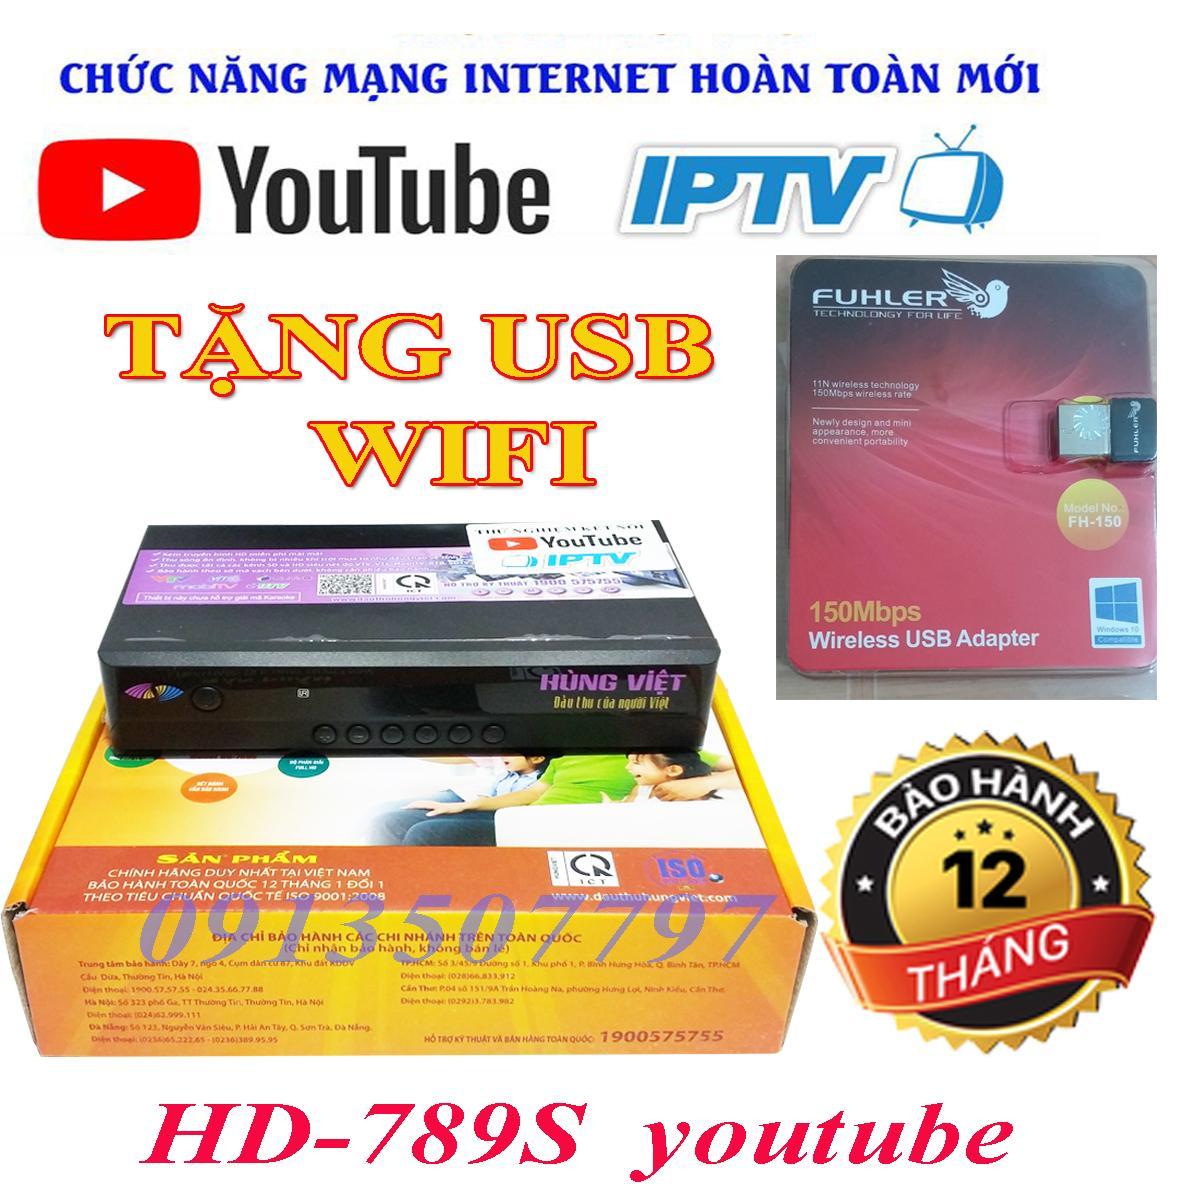 Đầu thu kỹ thuậ số mặt đất HD 789S youtube tặng anten WIFI xem tiv, youtube chất lượng HD